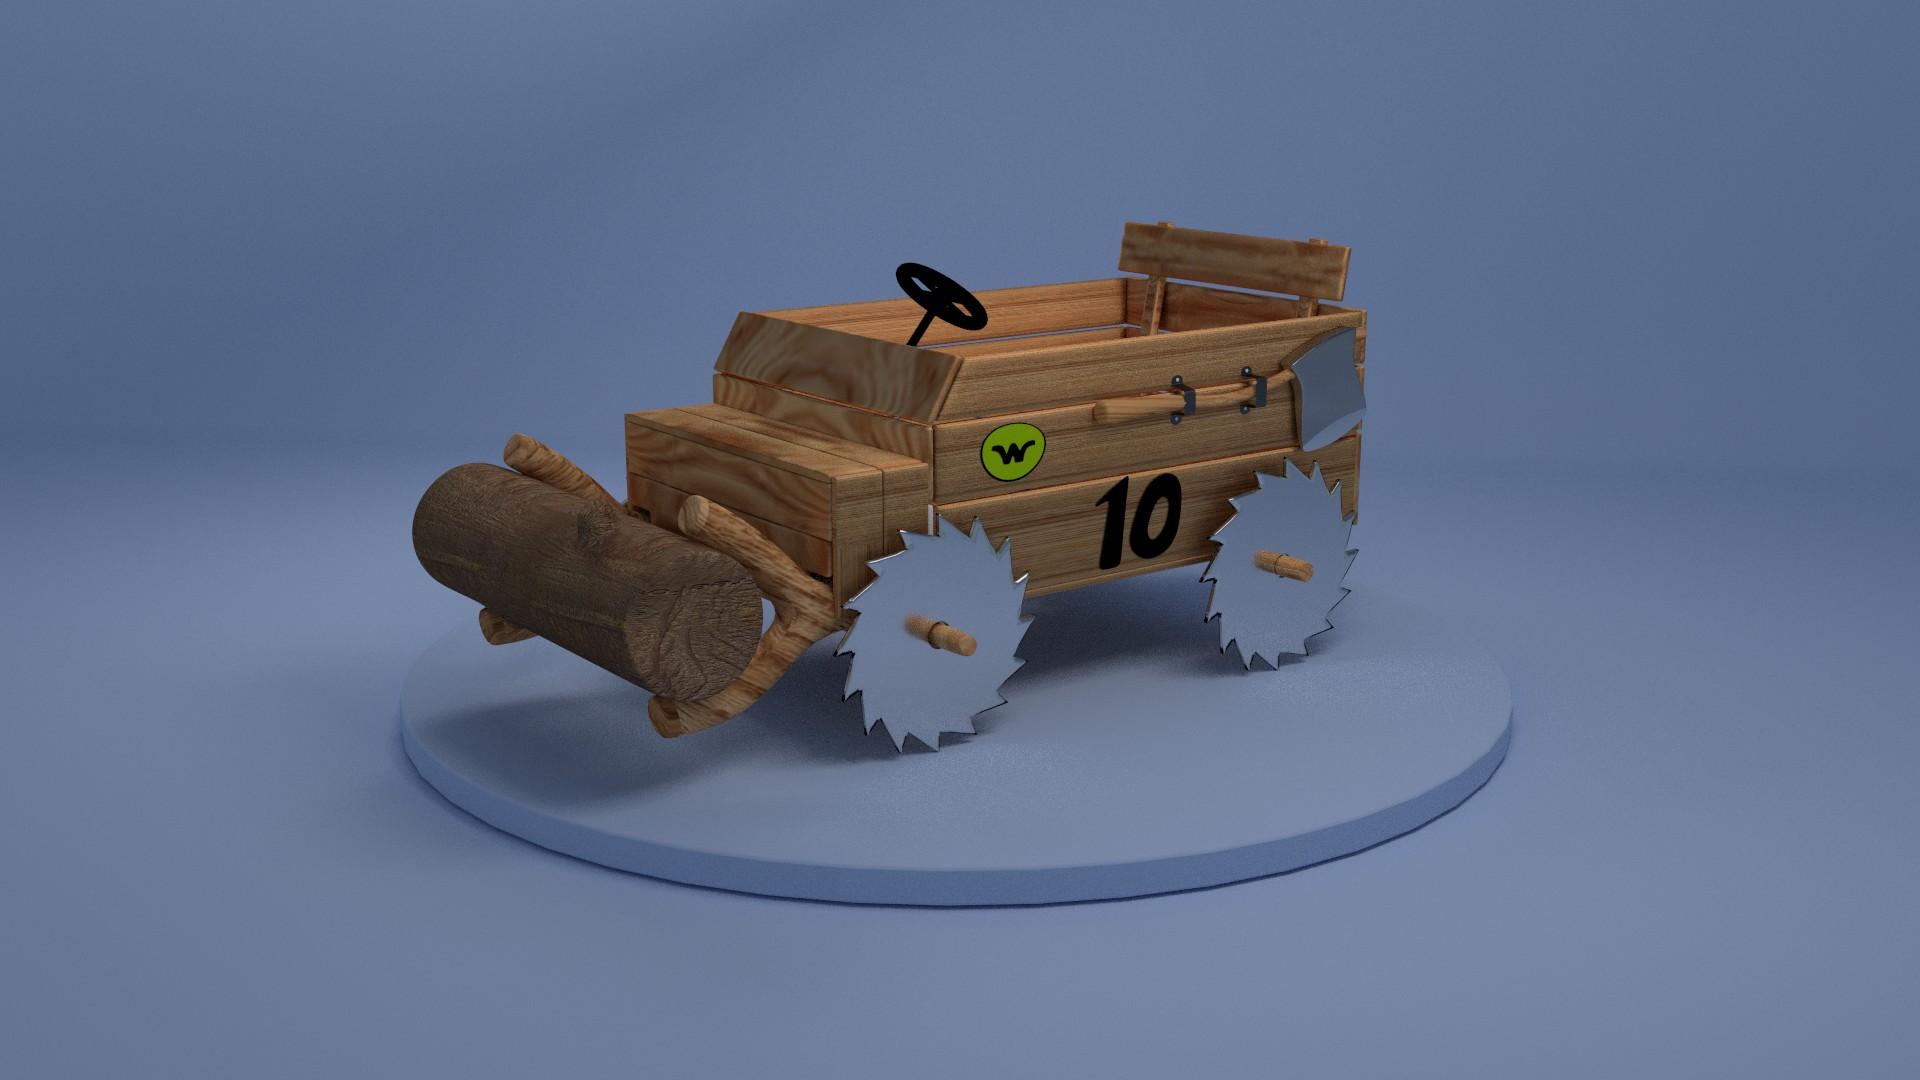 Los autos locos wacky races soliman-10-troncoswagen.jpg